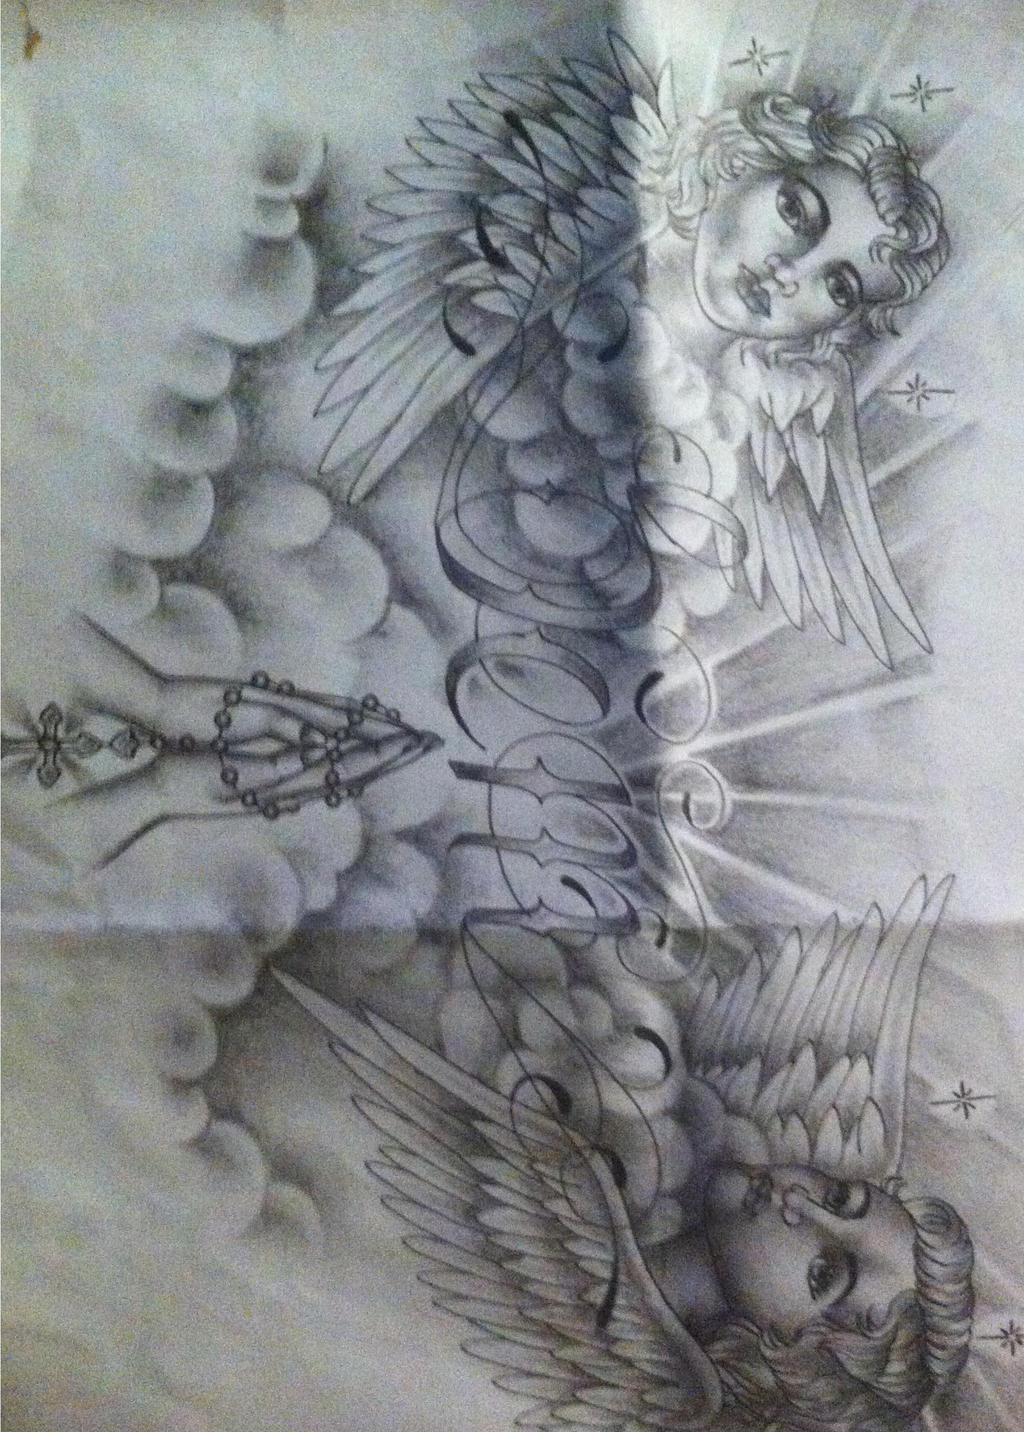 Religious Chest Tattoo Design By Tattoosuzette On DeviantArt